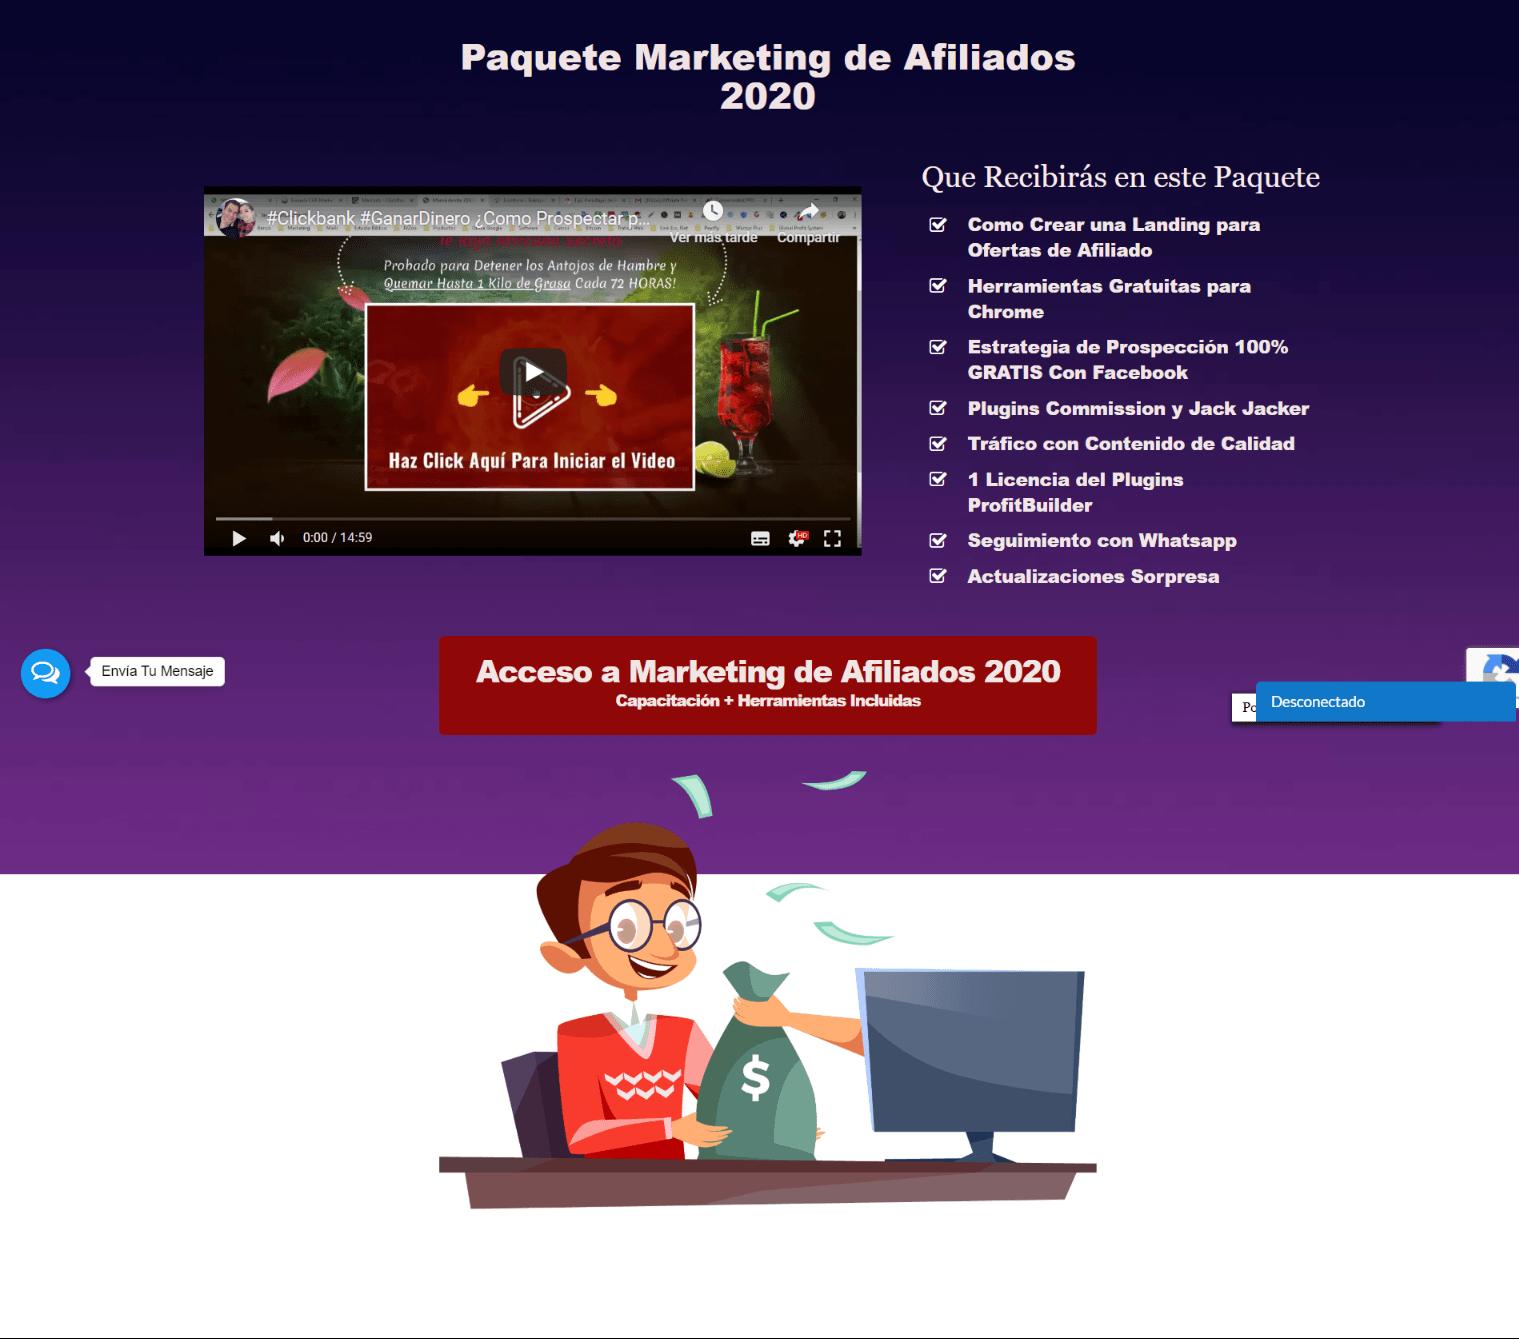 Paquete Marketing de Afiliados 2020